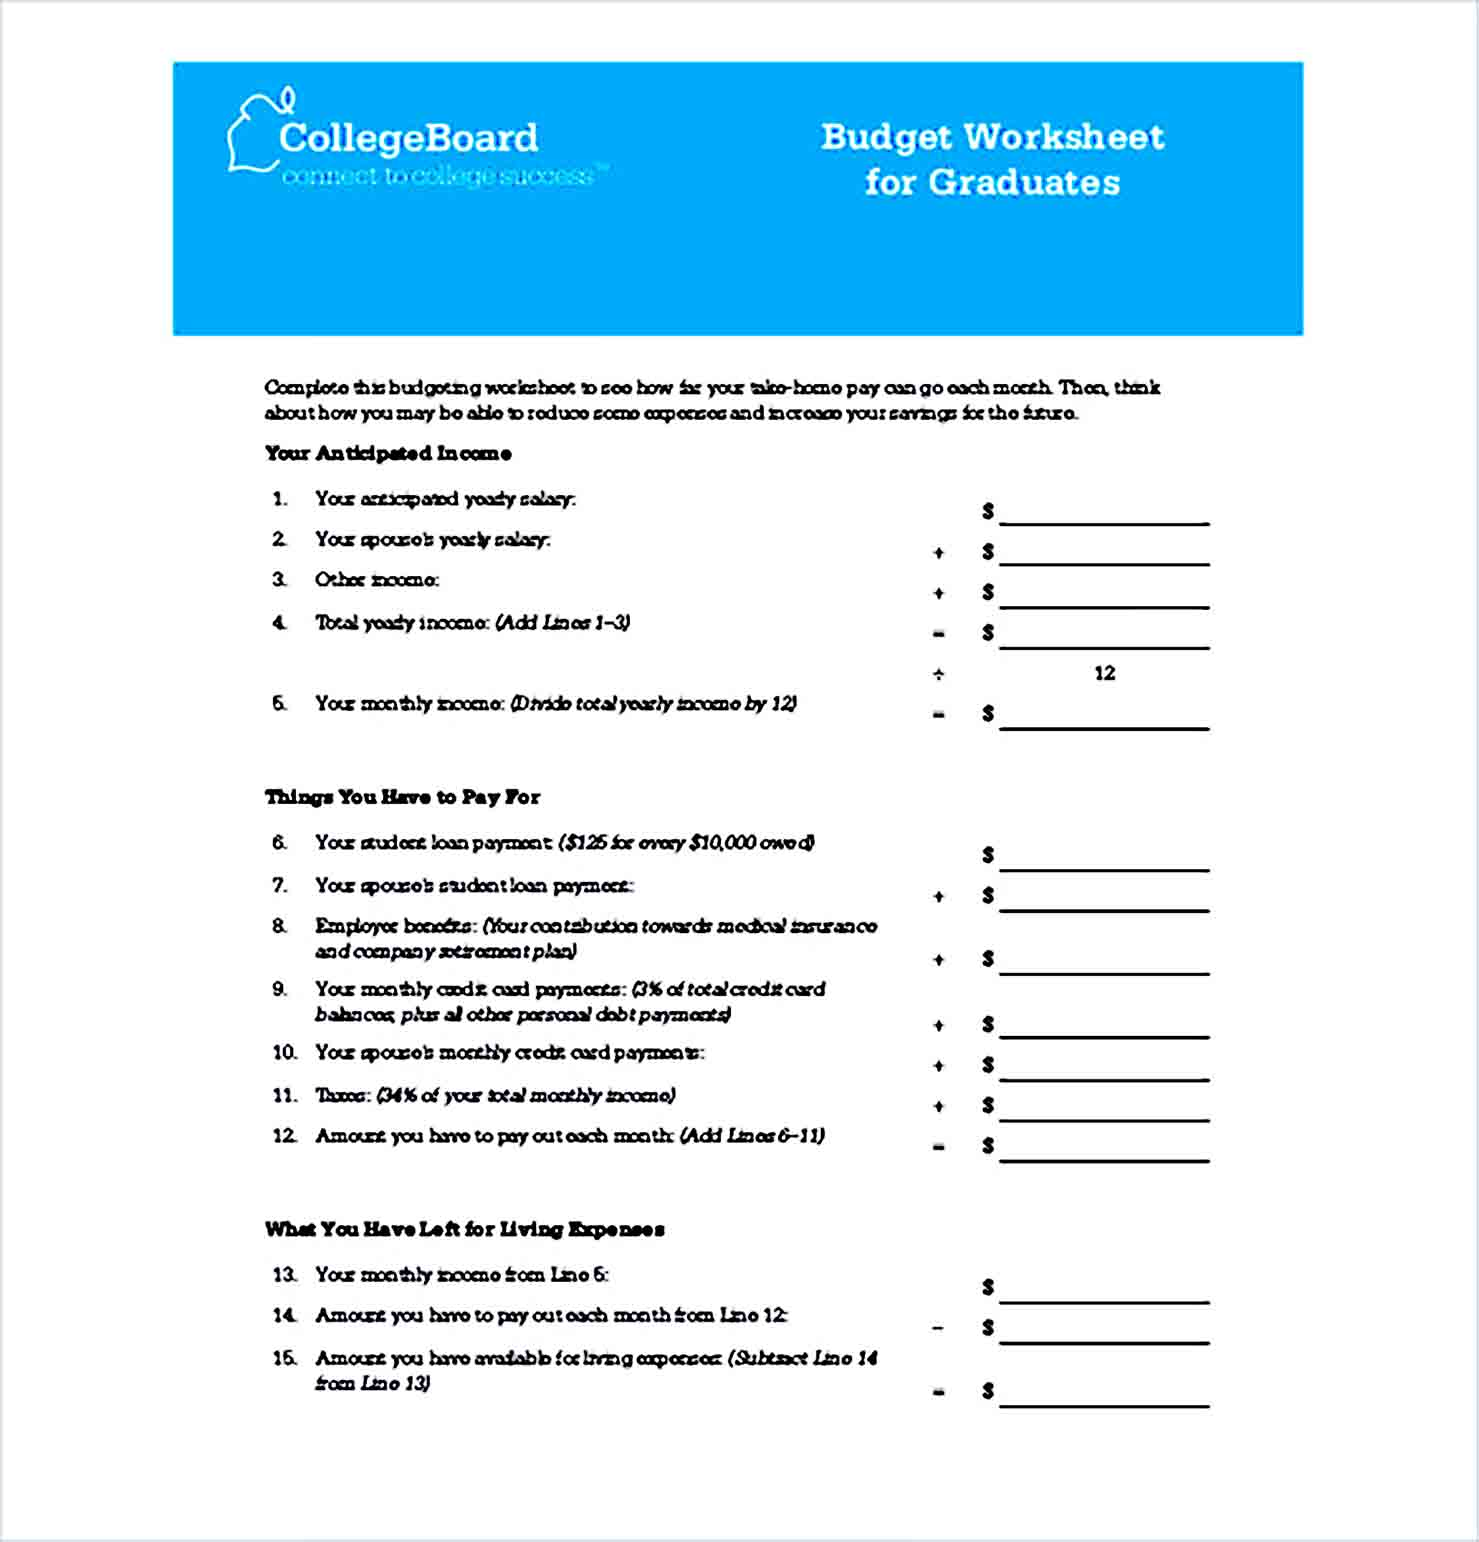 Sample Budget Worksheet for Graduates